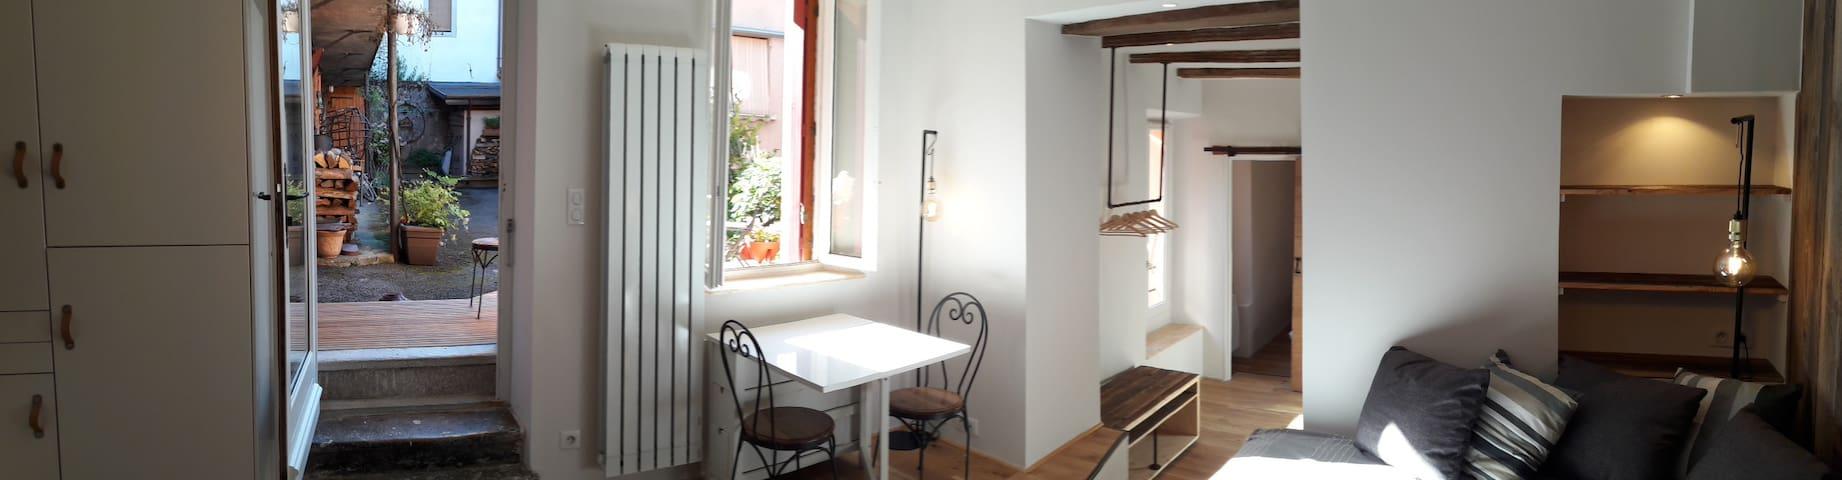 Appartement de Charme avec cour Annecy Centre Lac